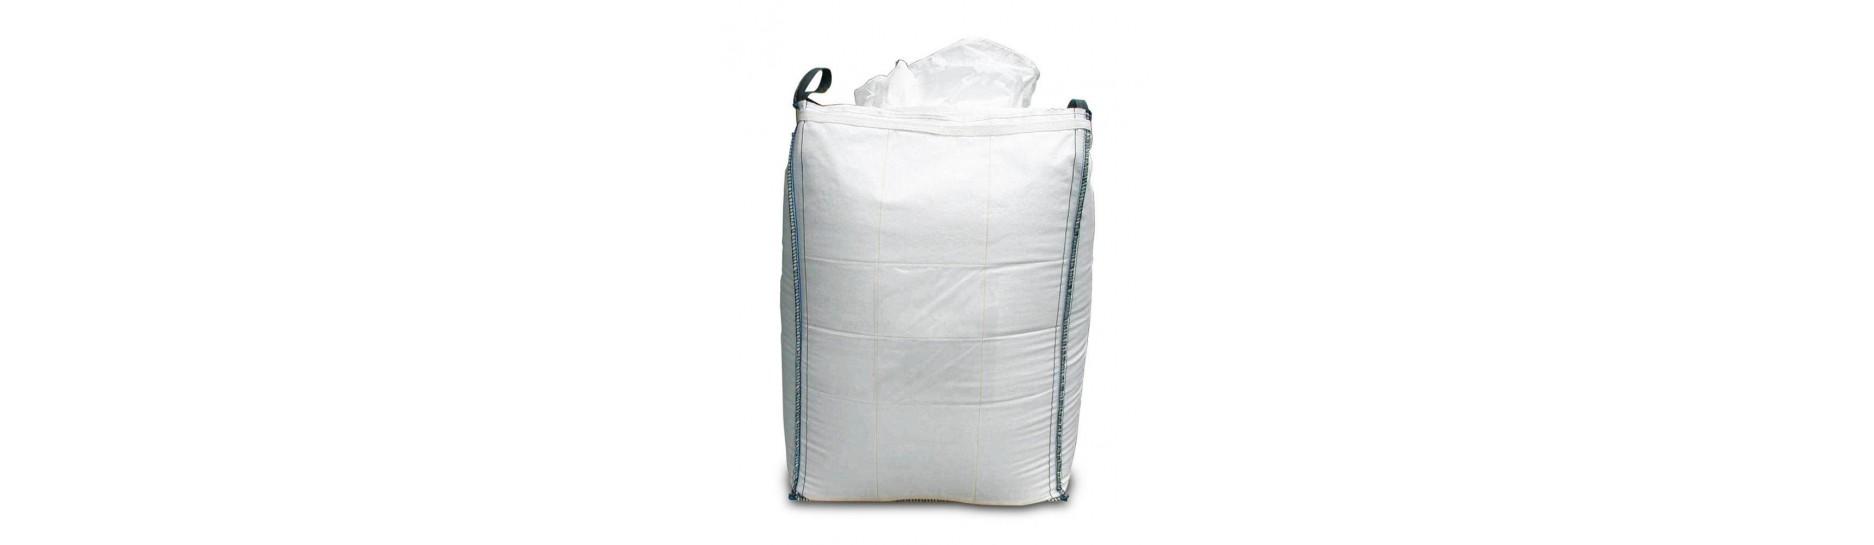 Velkoobjemové vaky Big Bag se využívají v zemědělství, stavebnictví a v domácnostech